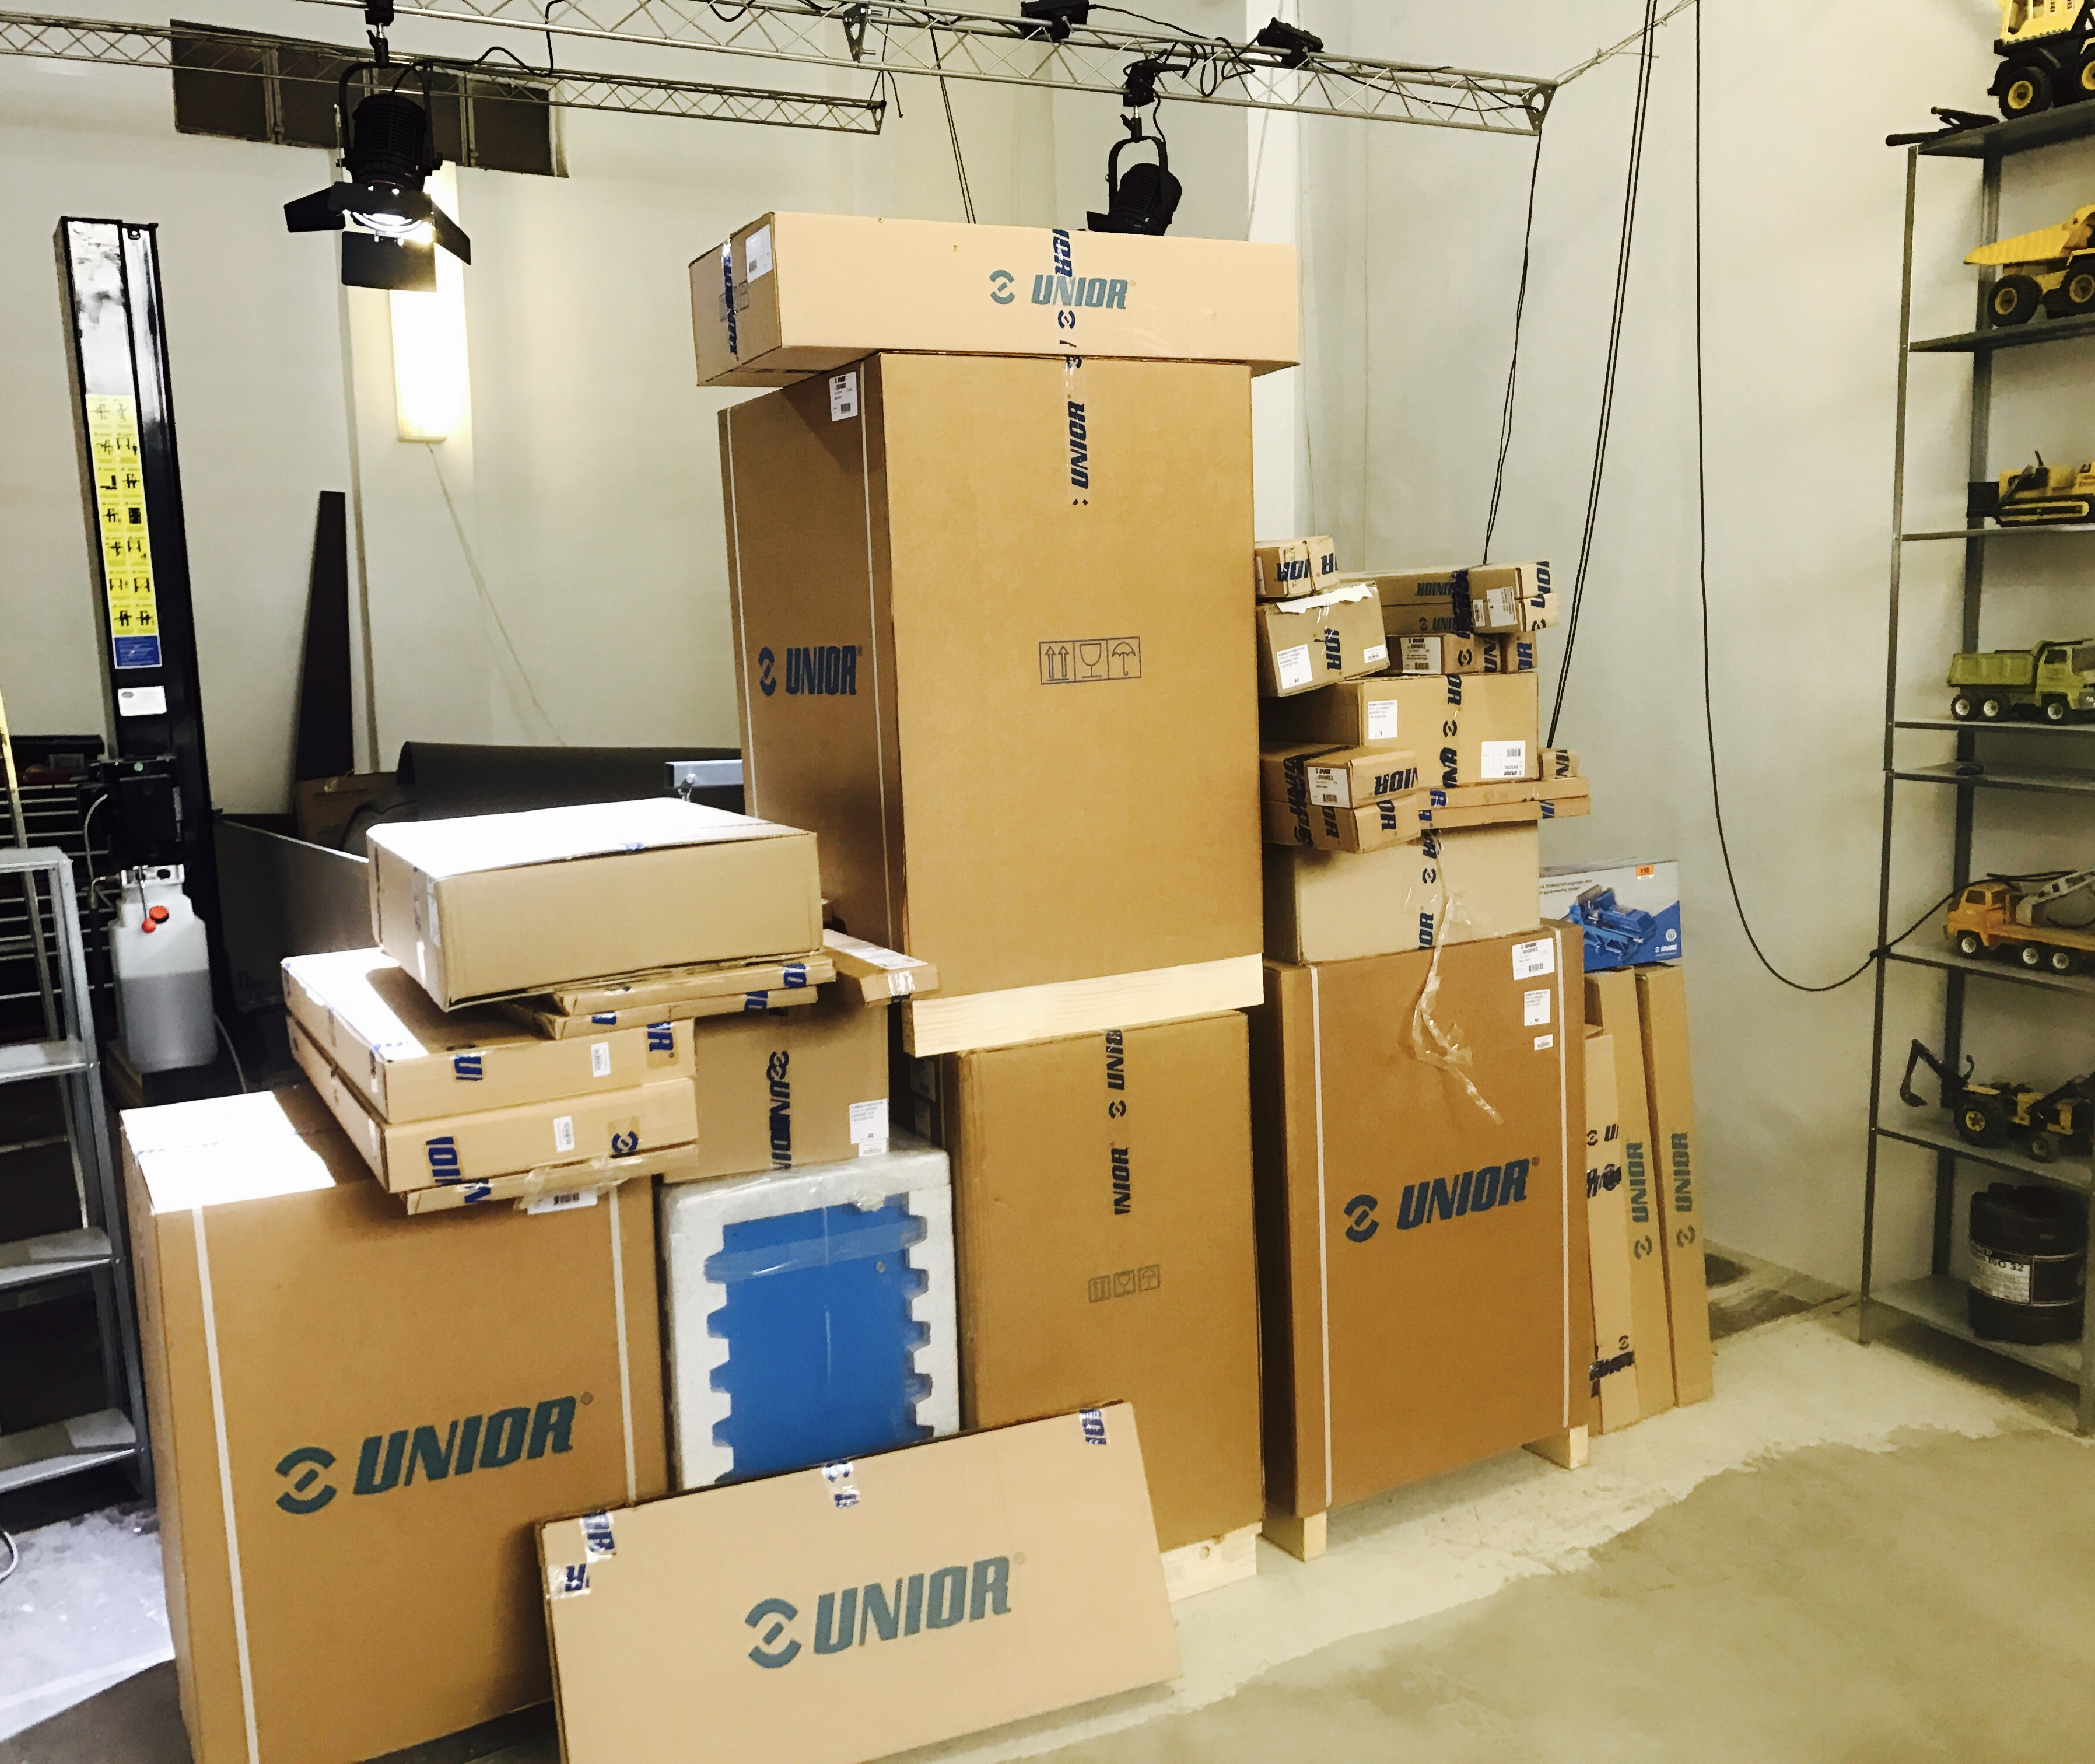 unior-boxes-arrive